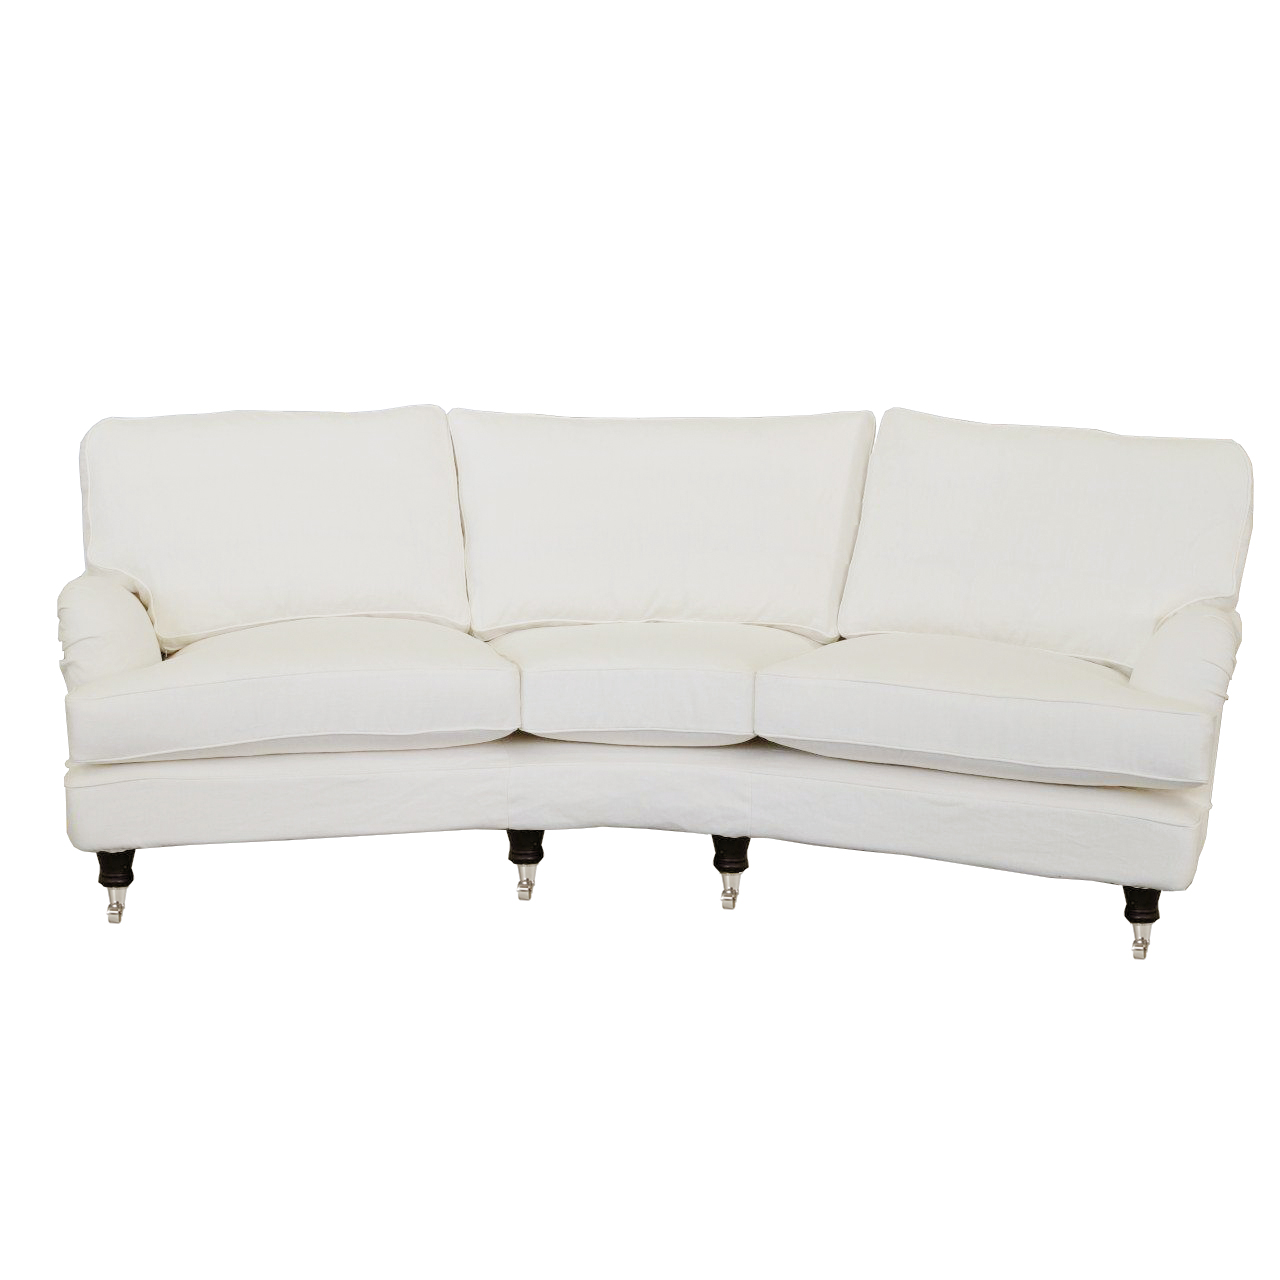 Howard medium soffa 3,5-sits svängd - englesson.se